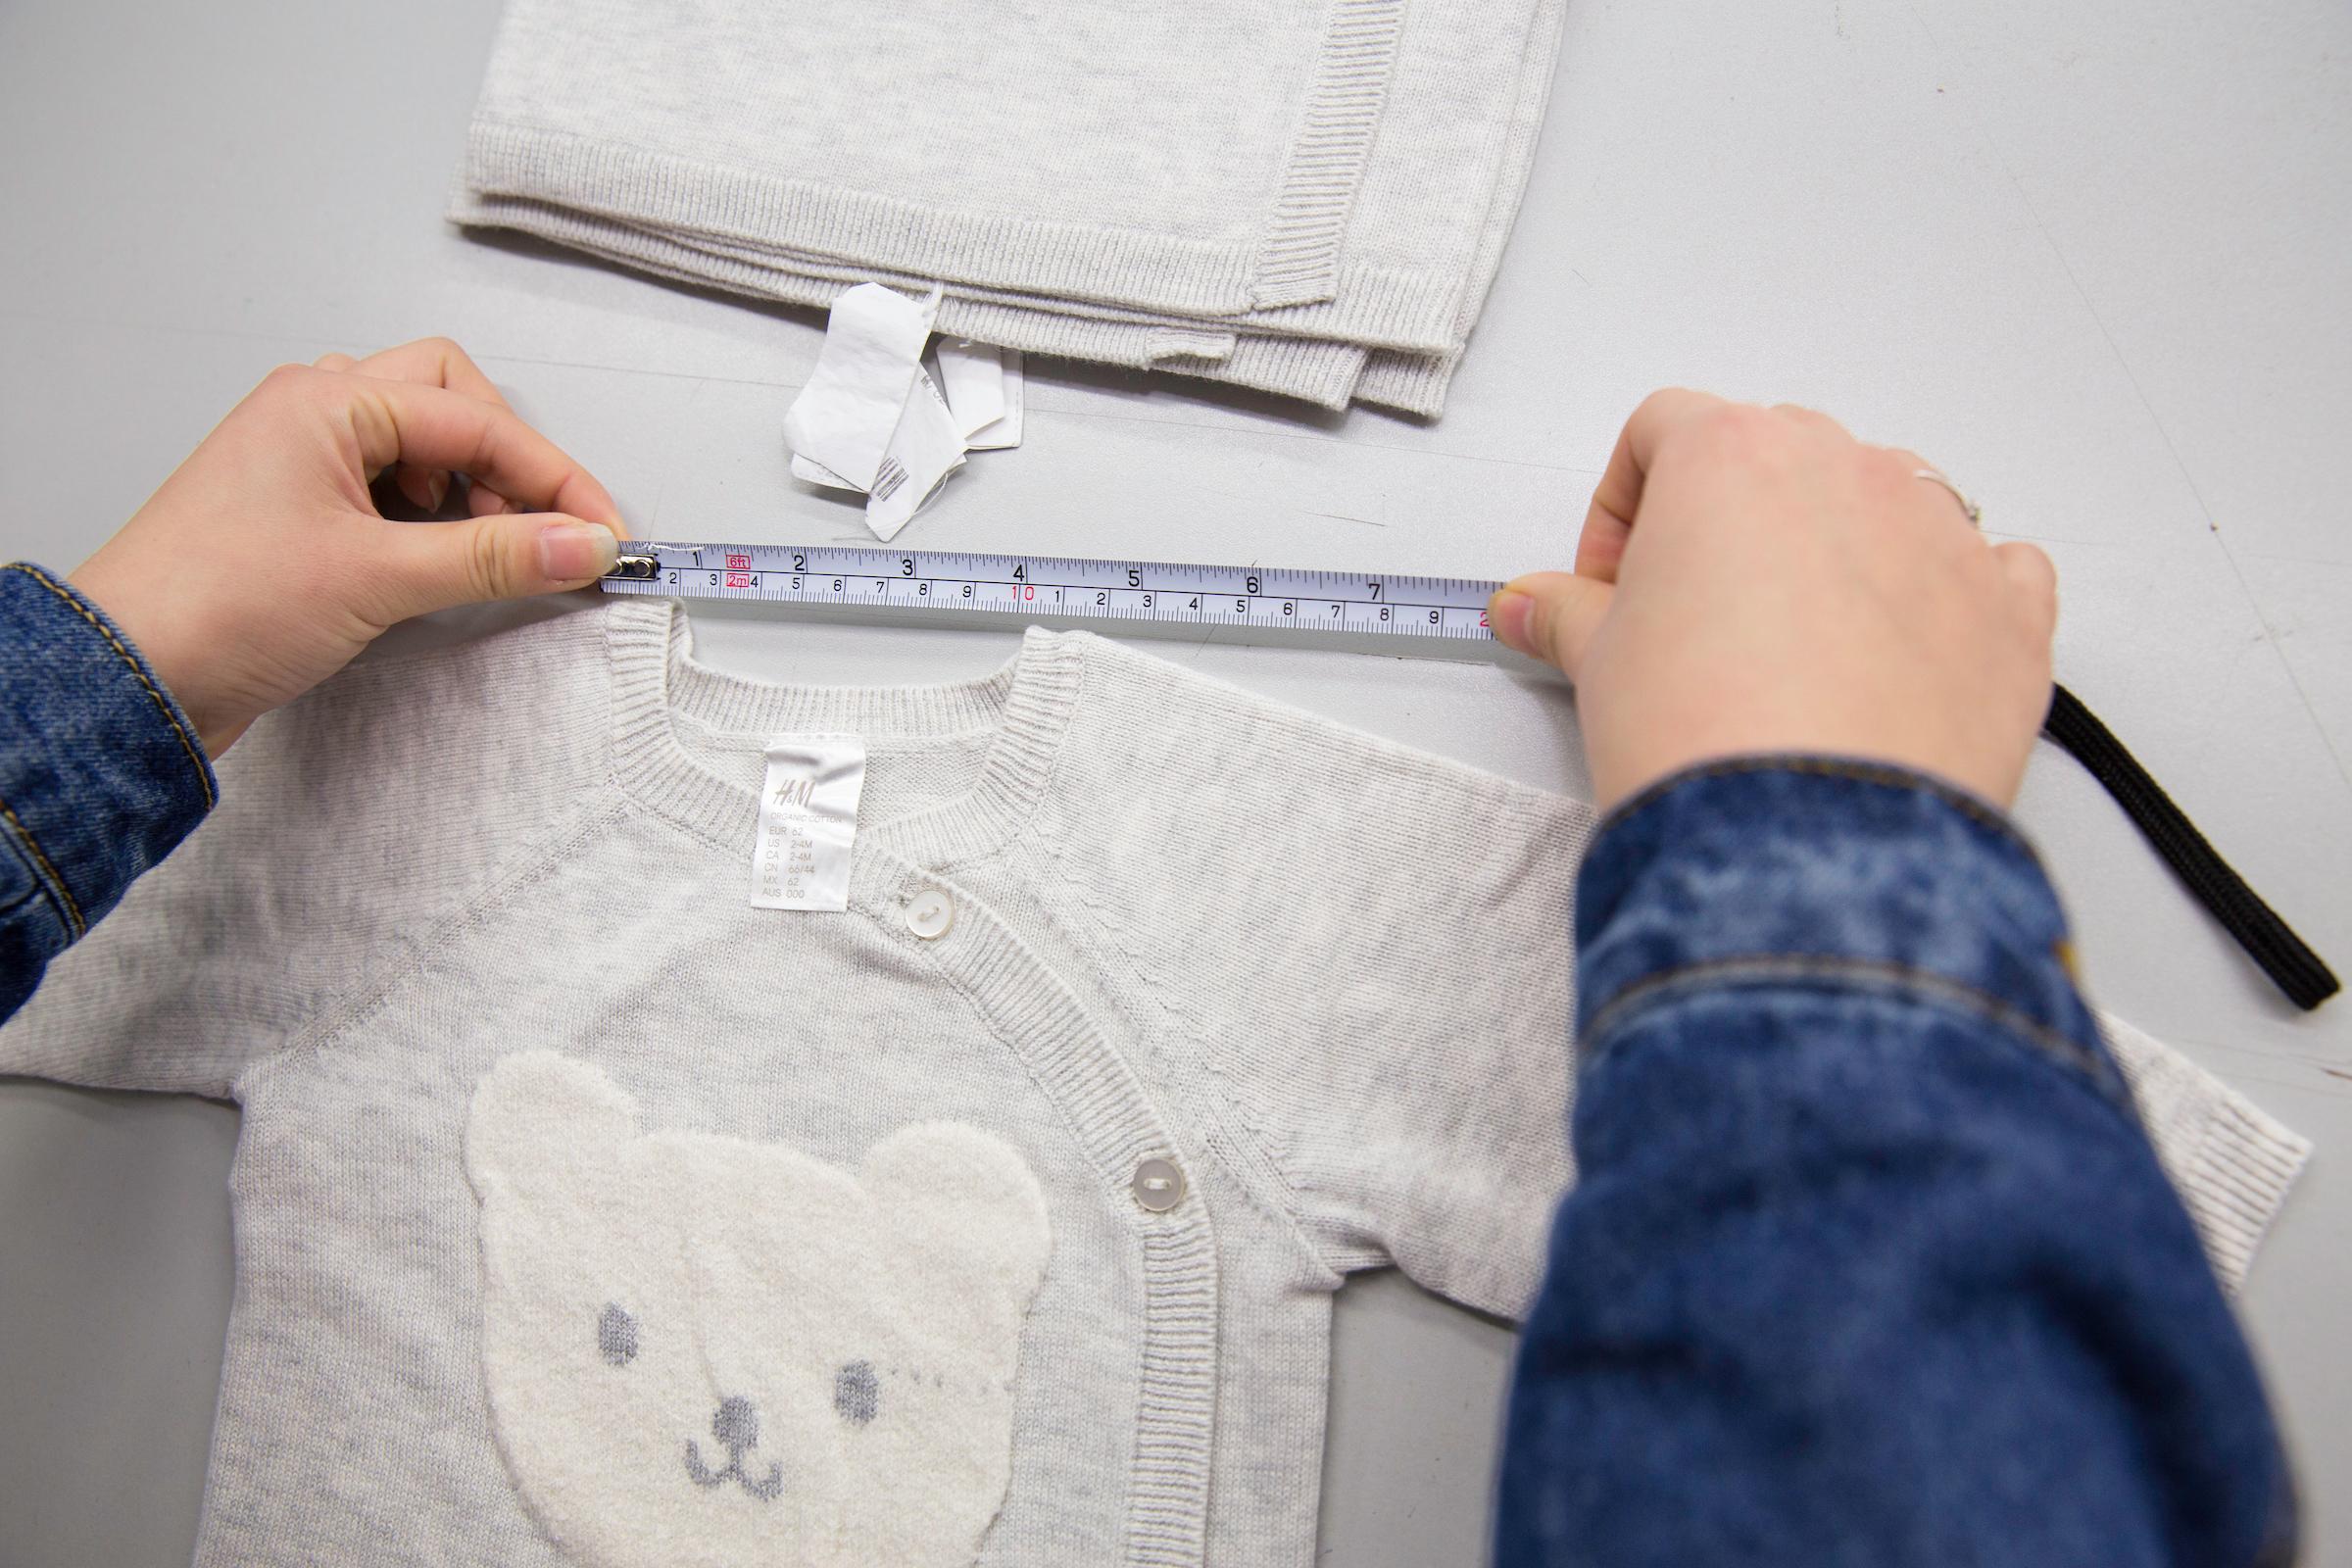 Roupas de H&M serão 100% de materiais reciclados até 2030